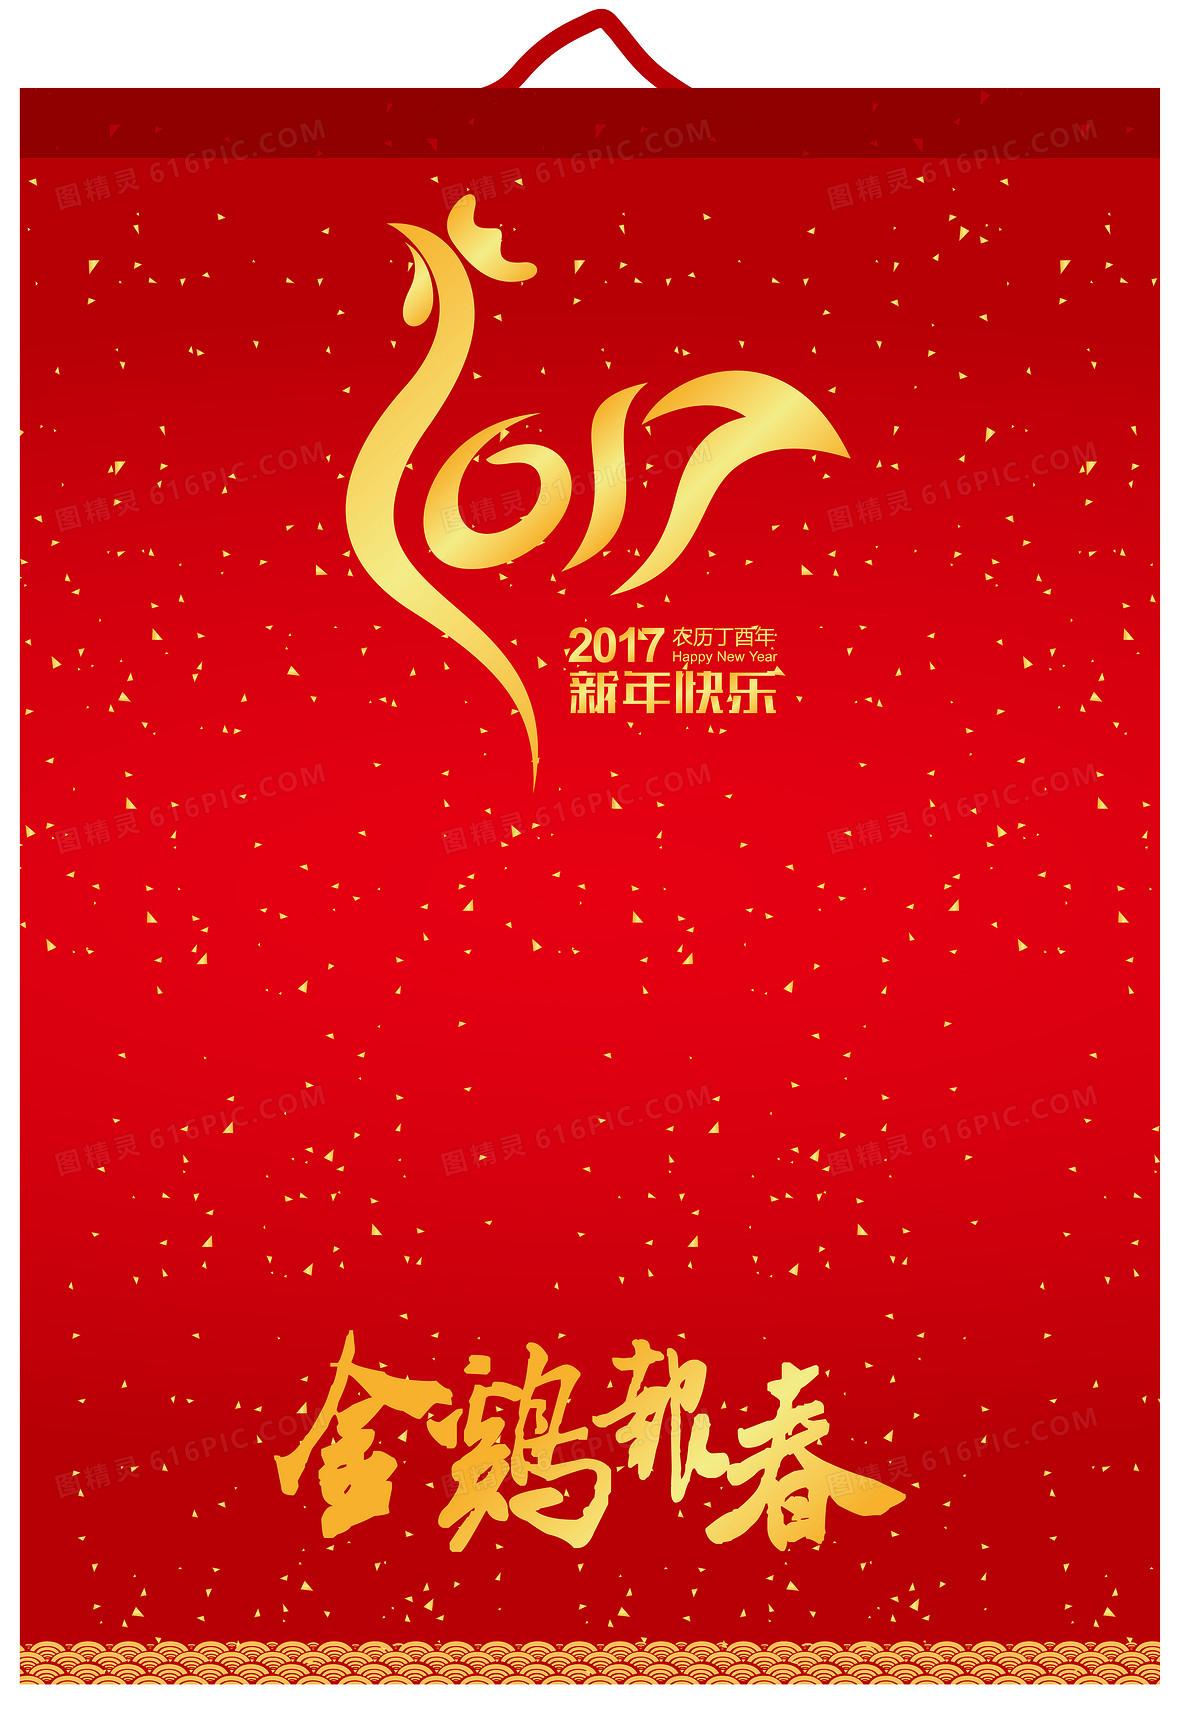 金鸡送财新年剪纸海报背景素材